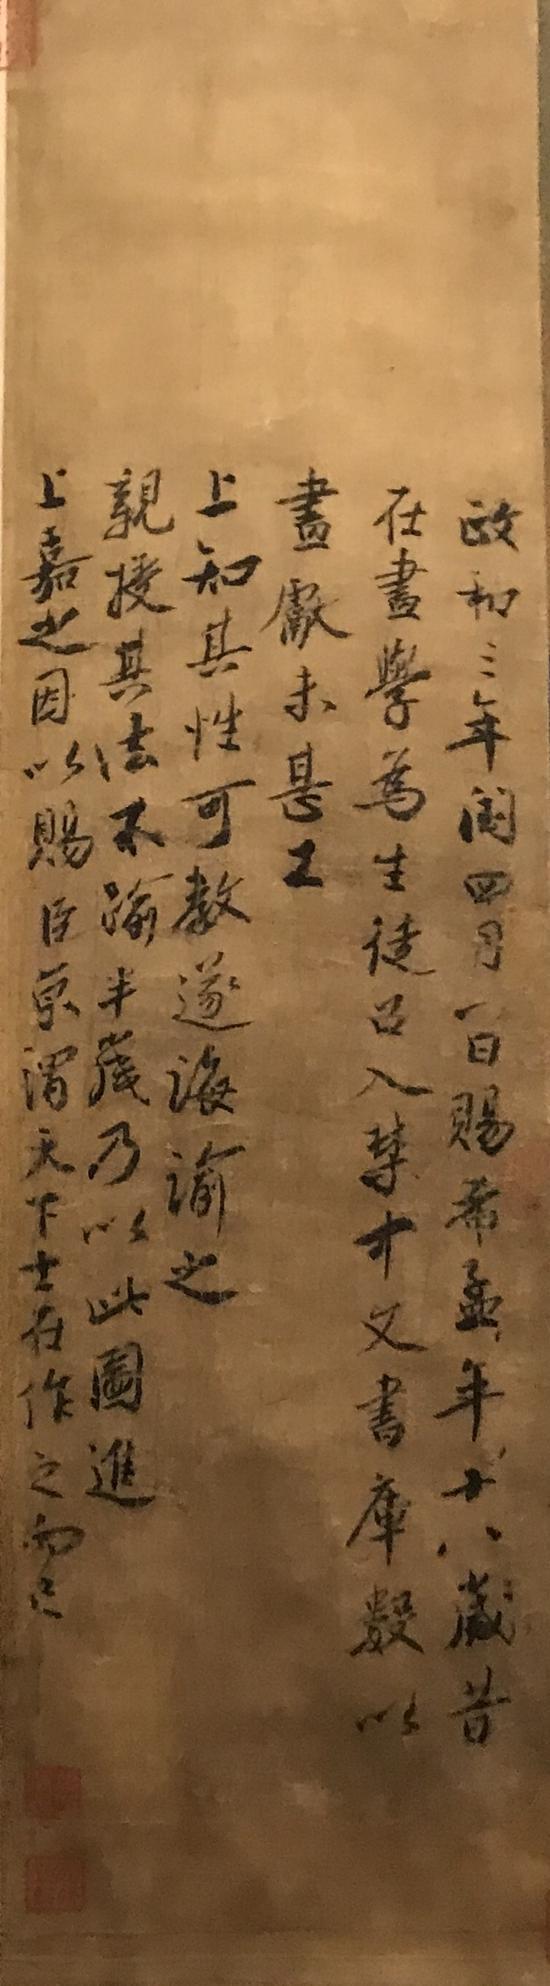 13-《千里江山图》